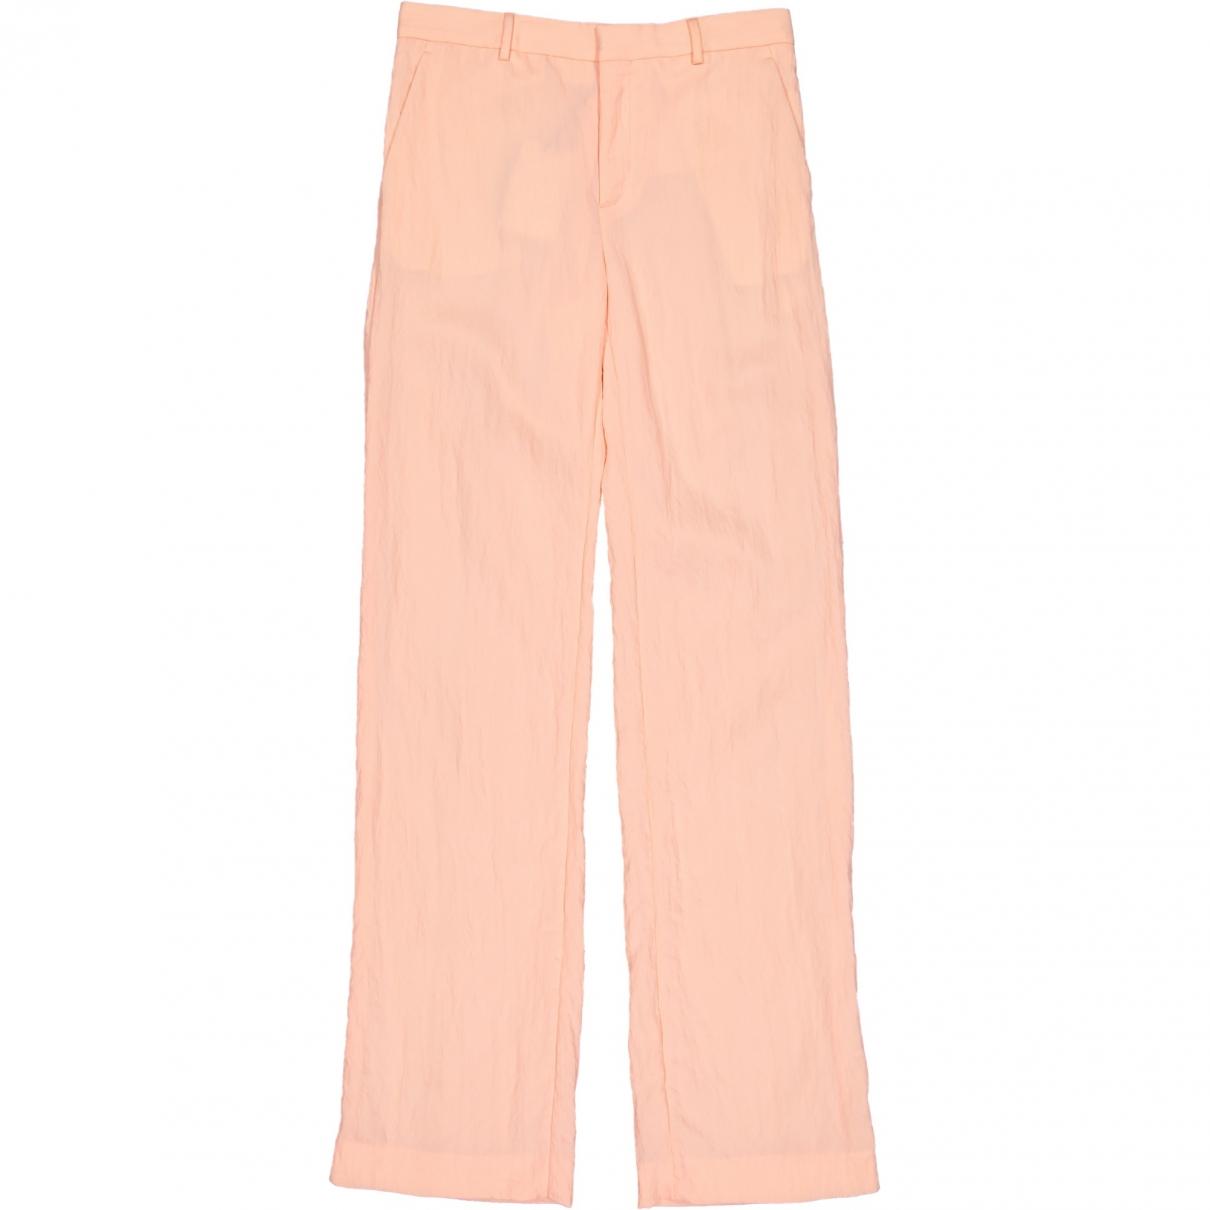 Ports 1961 \N Orange Trousers for Women 38 IT